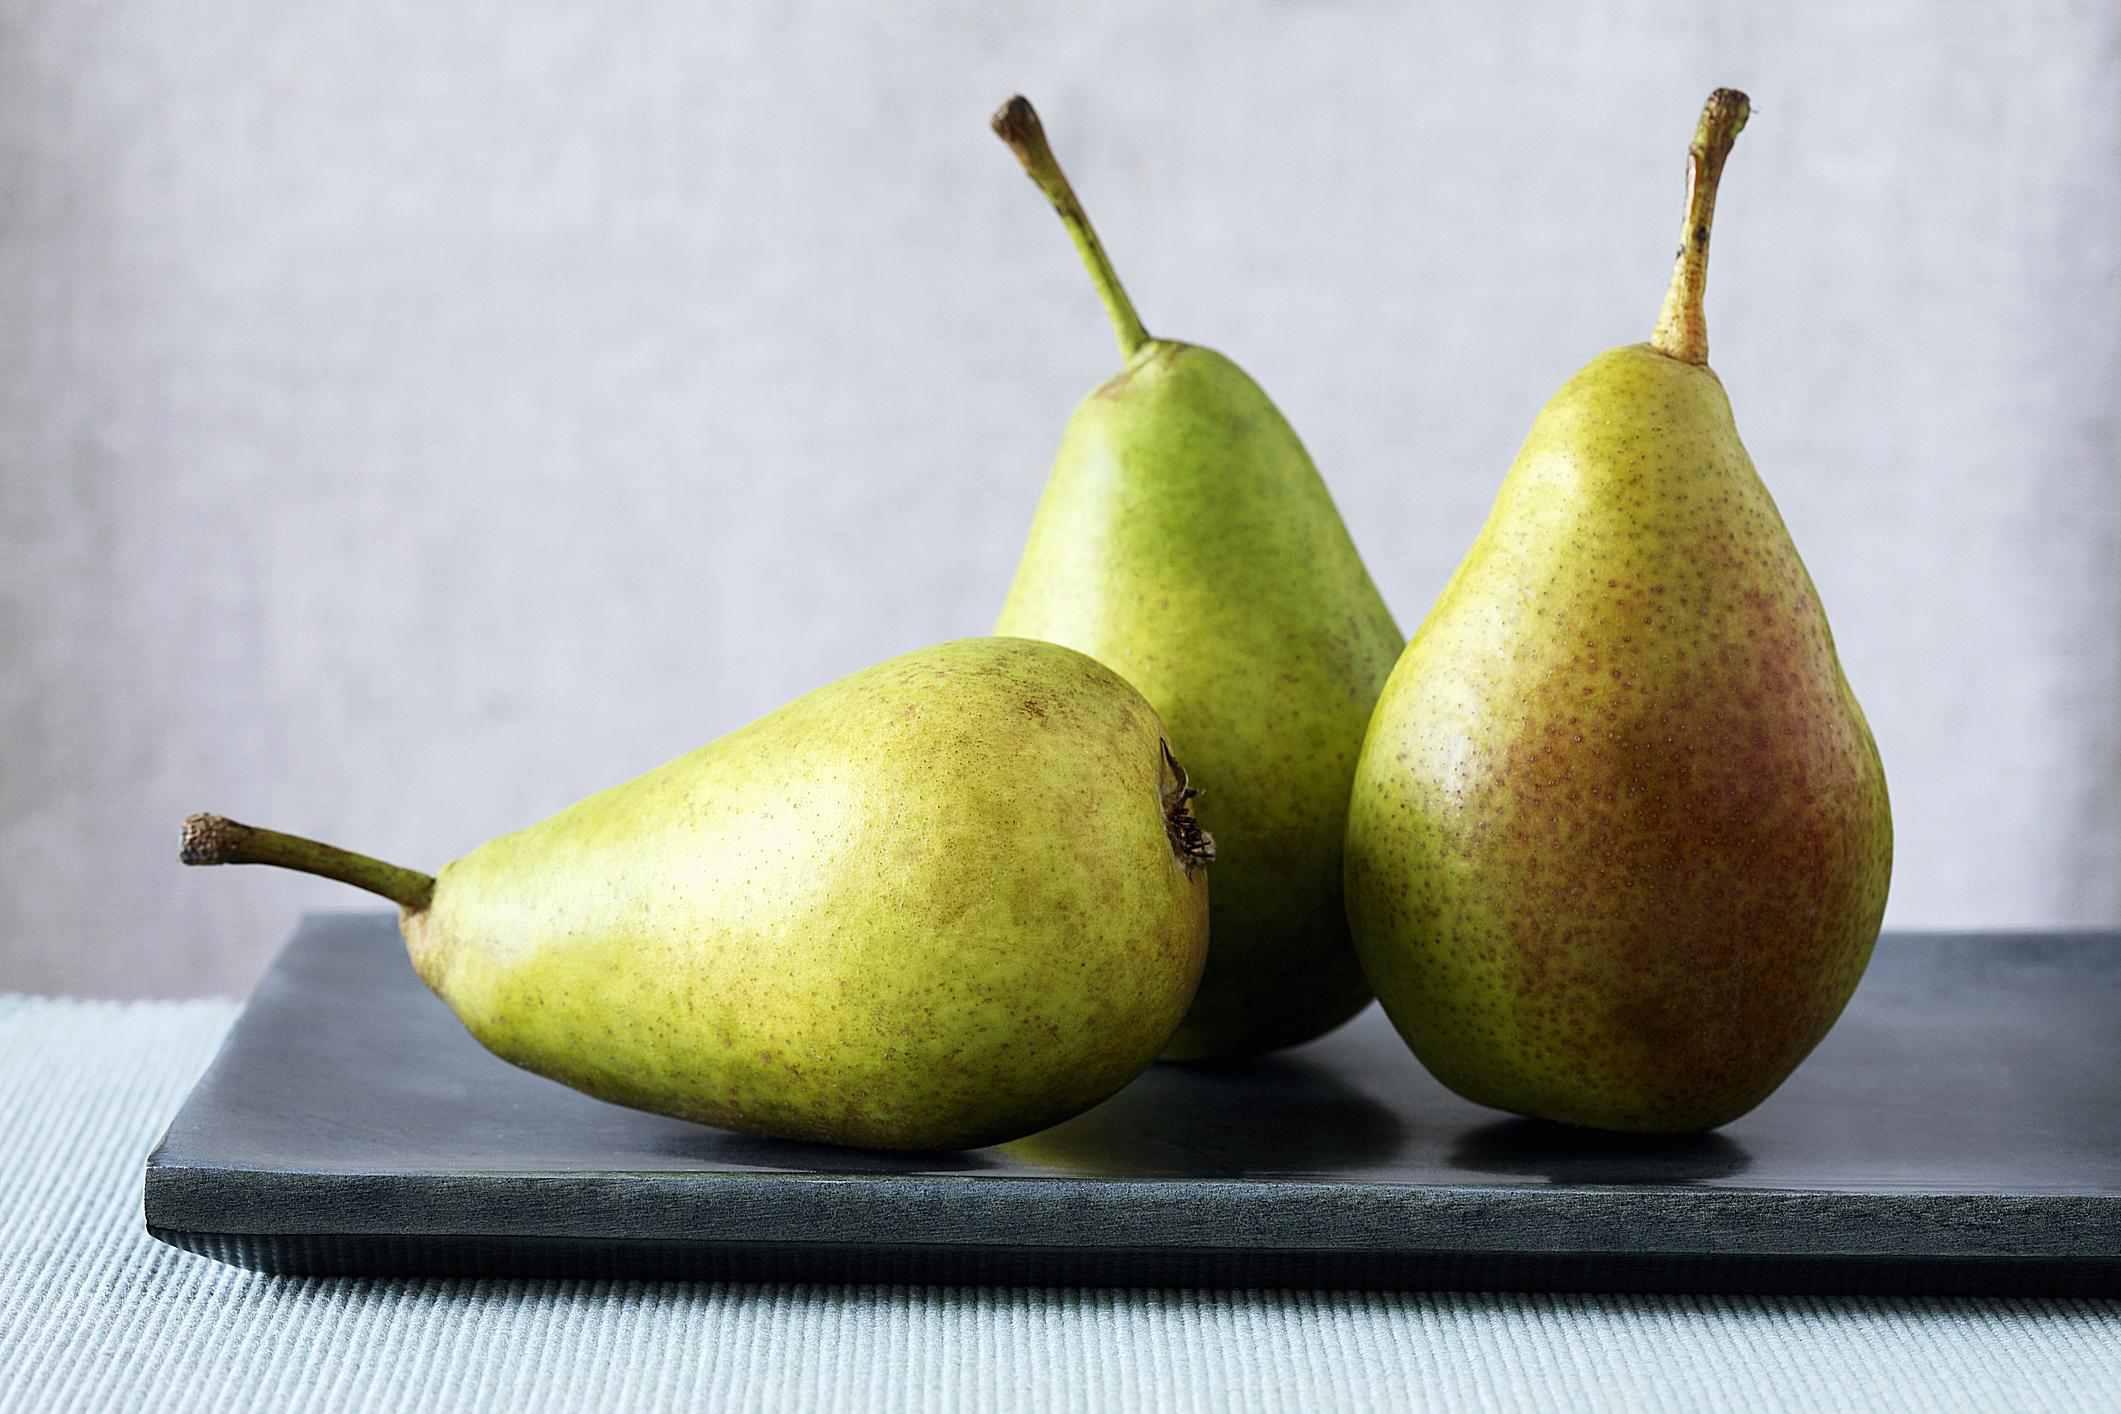 Barlett or Williams Pears